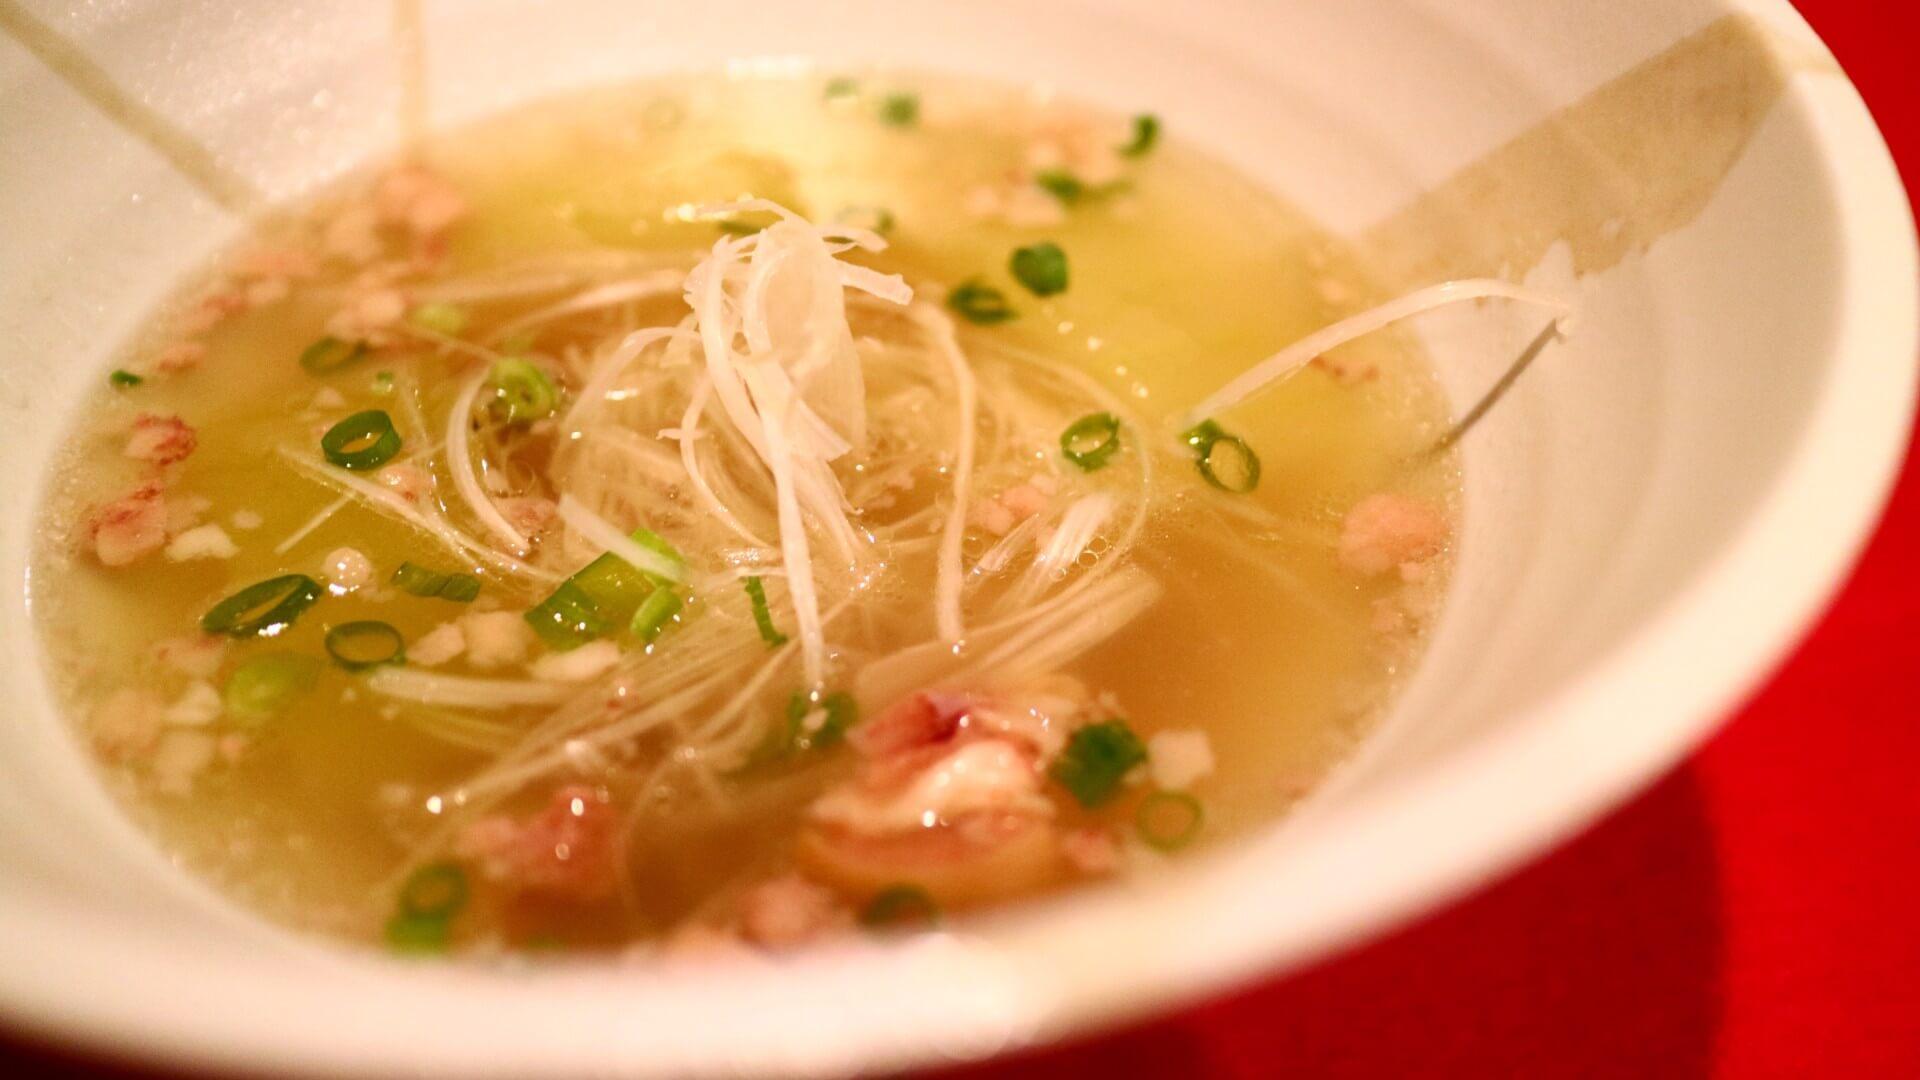 ヤギ汁(塩・味噌)&イノシシ汁 | 奄美大島 名瀬【屋仁川】人気の島料理